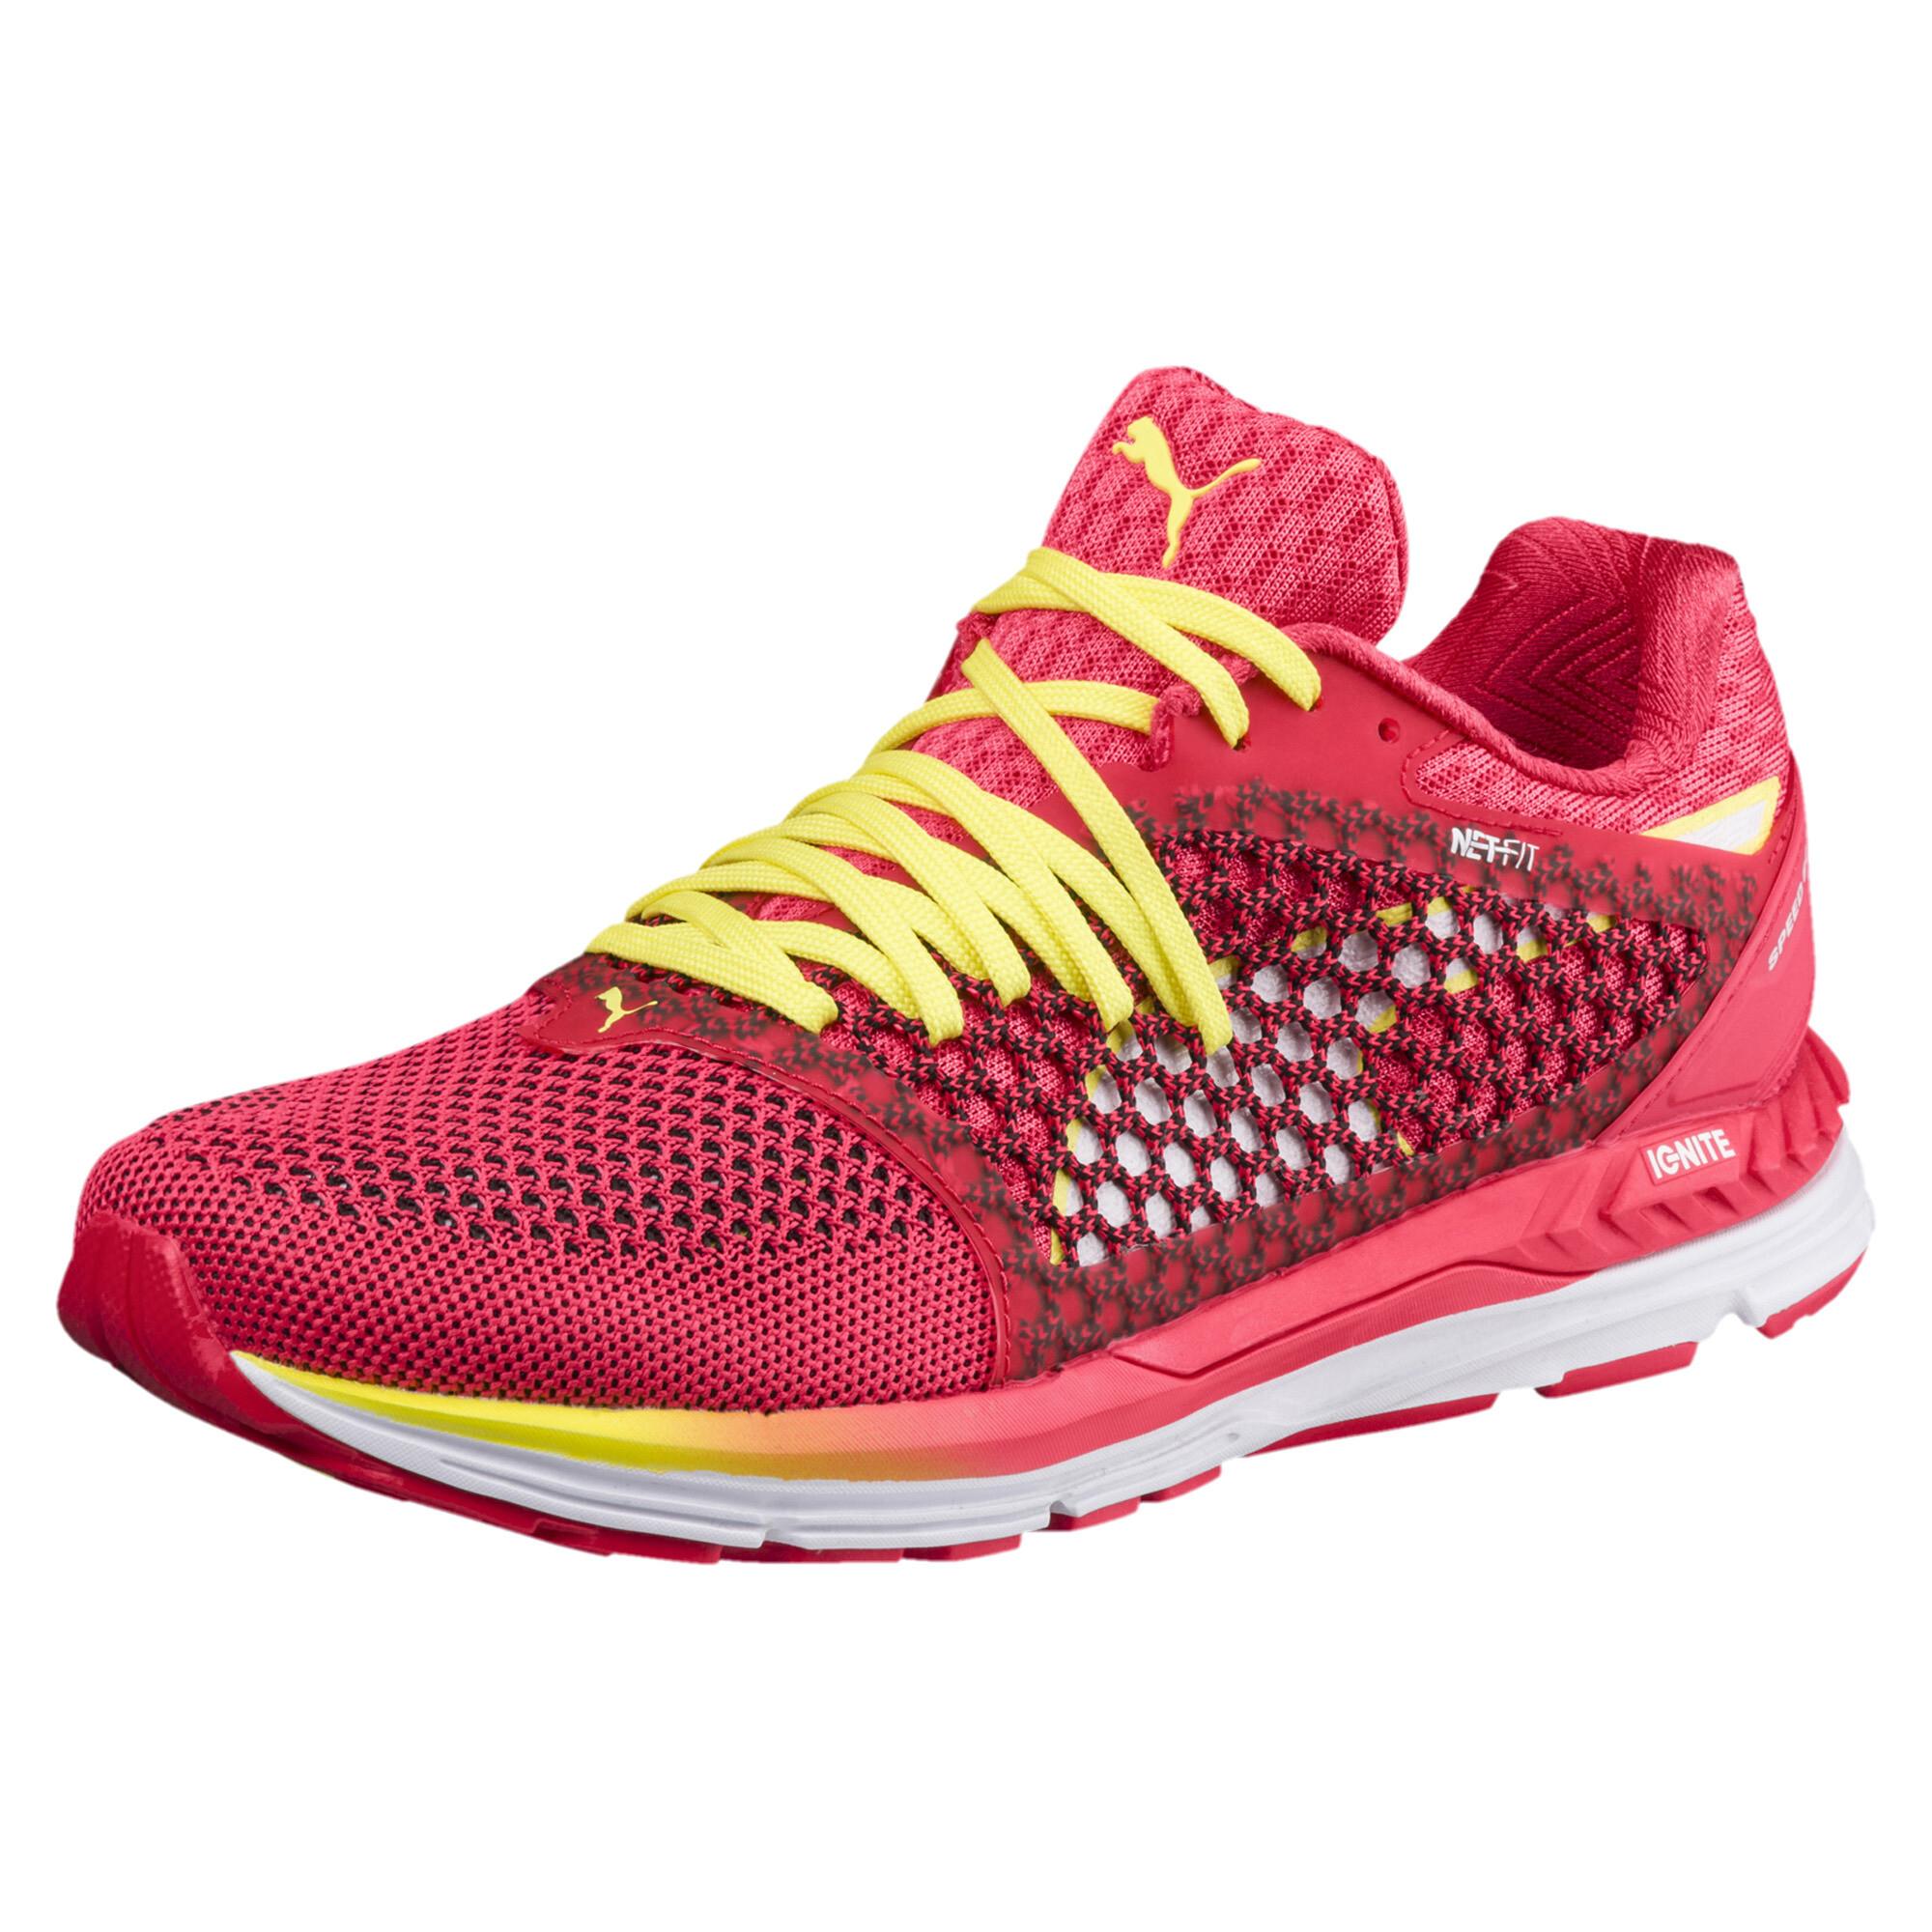 Image Puma Women's Speed 600 IGNITE 3 Running Shoes #1